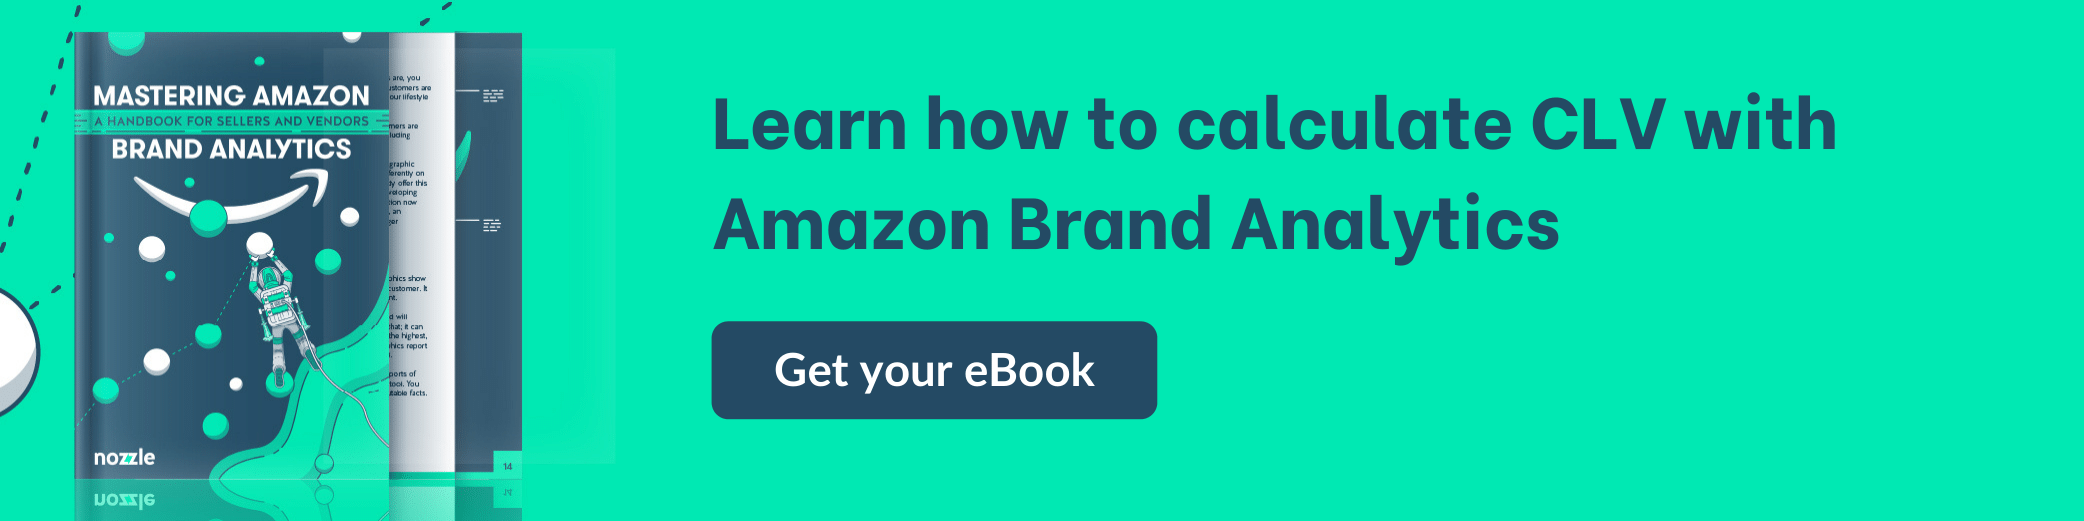 CLV Amazon Brand Analytics